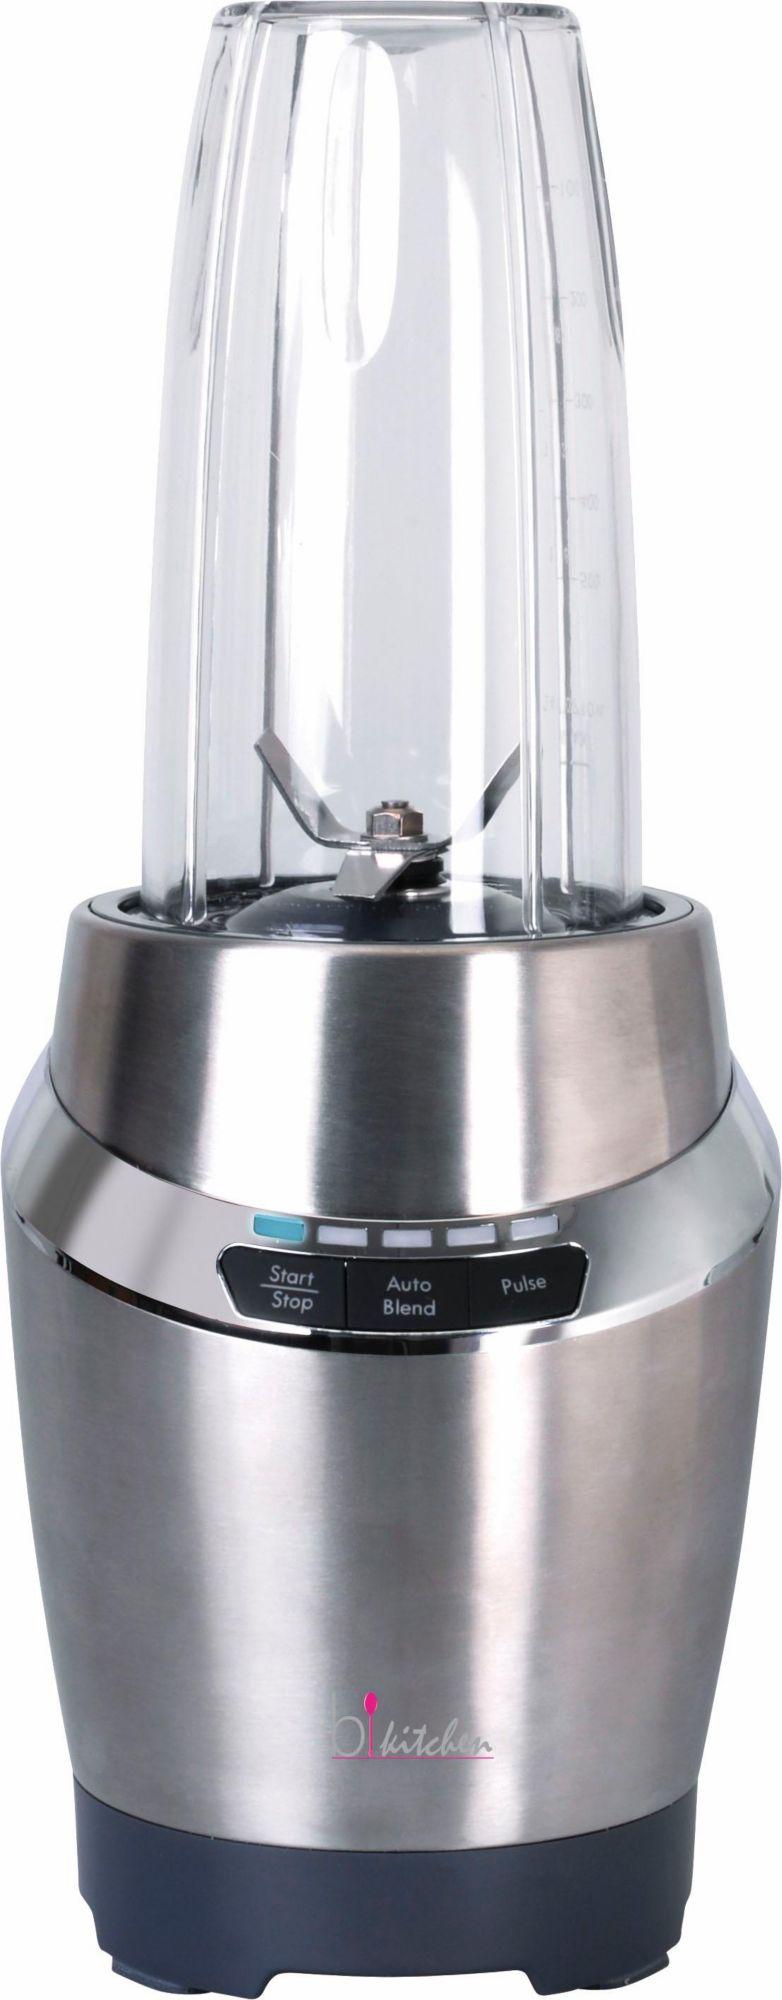 BKITCHEN bkitchen Hochleistungs-Smoothie-Mixer smooth220, 900 Watt